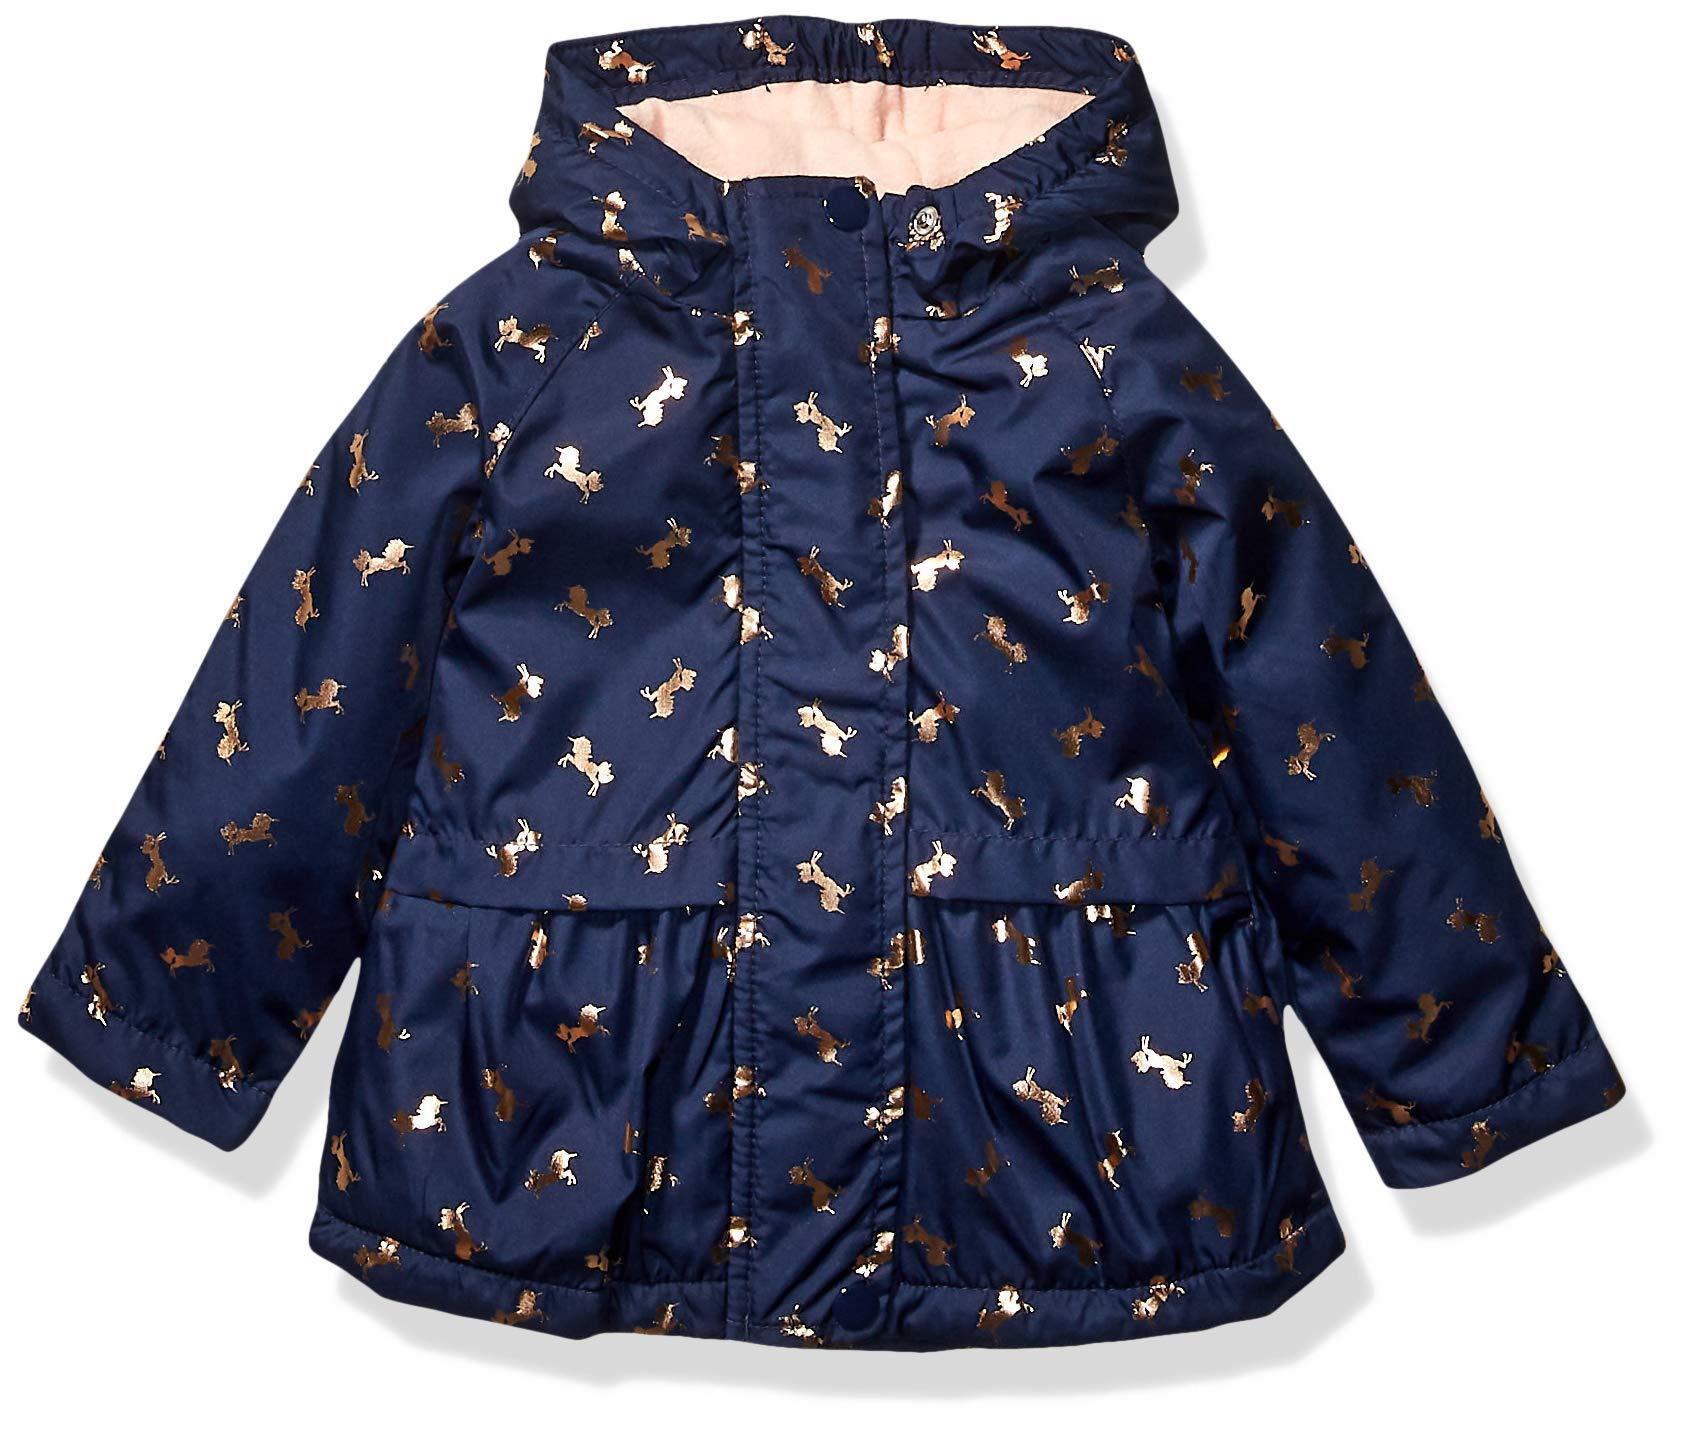 Osh Kosh Baby Girls Midweight Jacket with Fleece Lining, Gold Unicorns On Navy, 18Mo by OshKosh B'Gosh